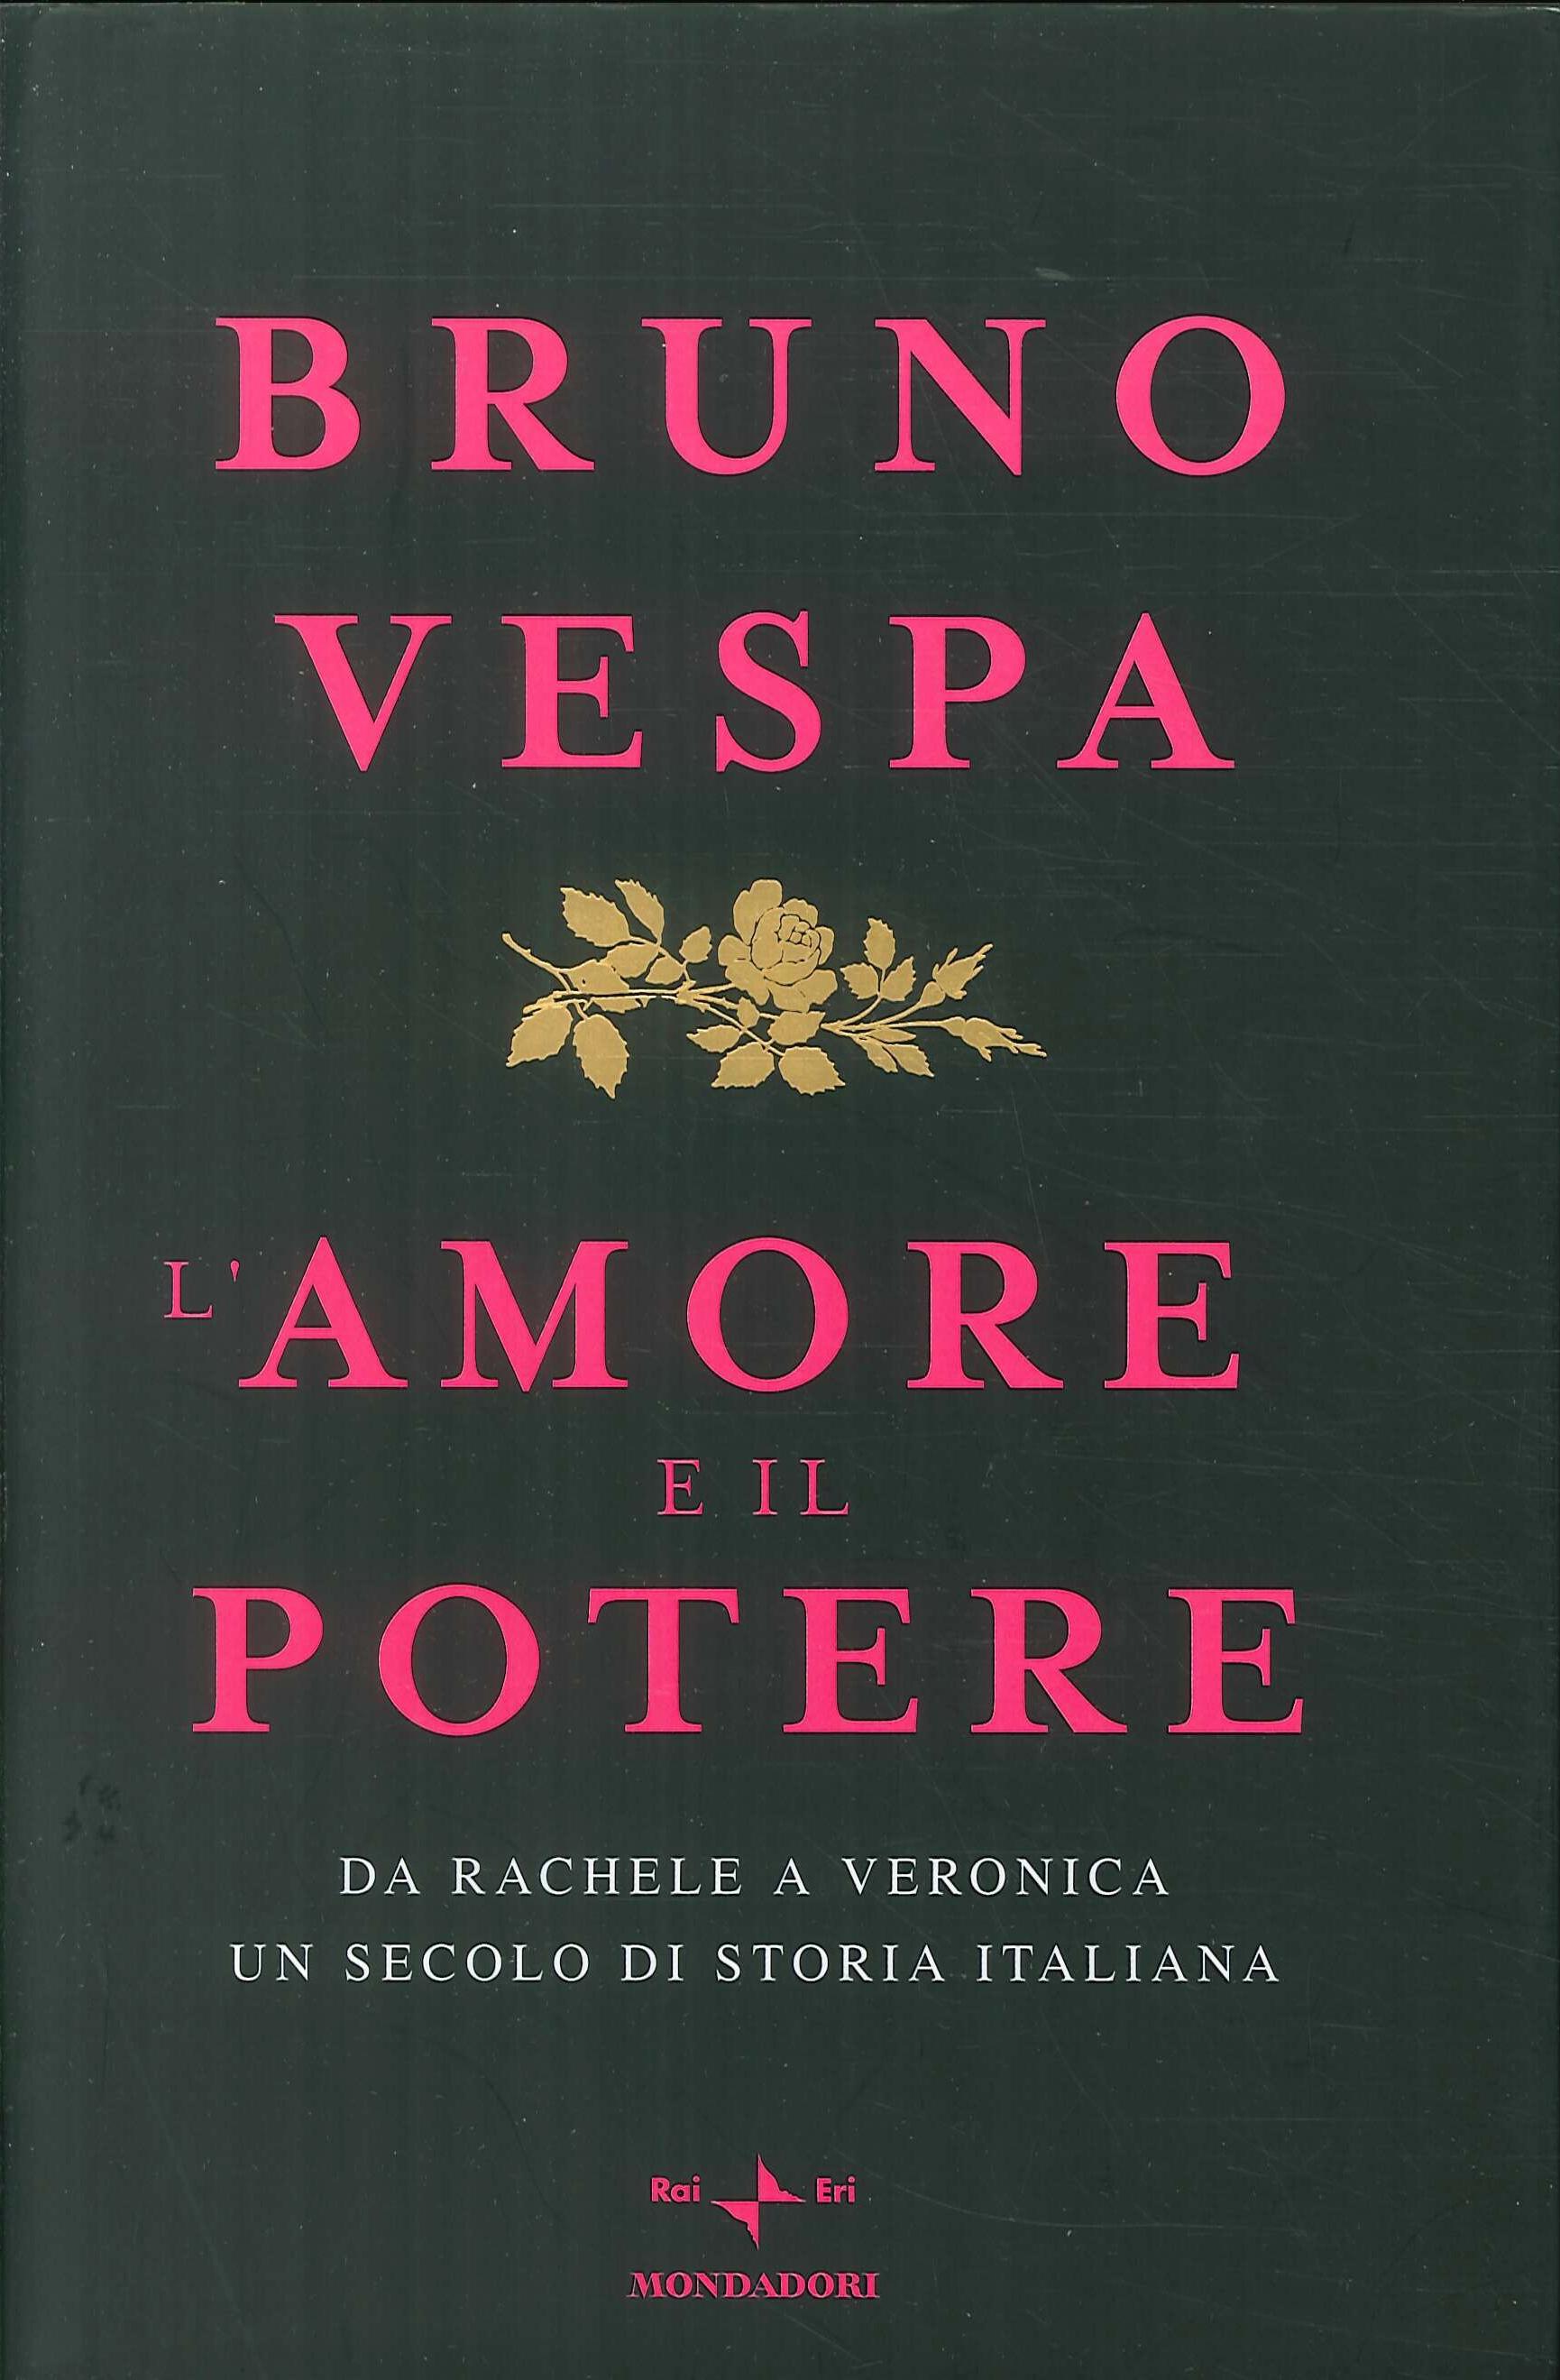 L'amore e il potere. Da Rachele a Veronica, un secolo di storia italiana.